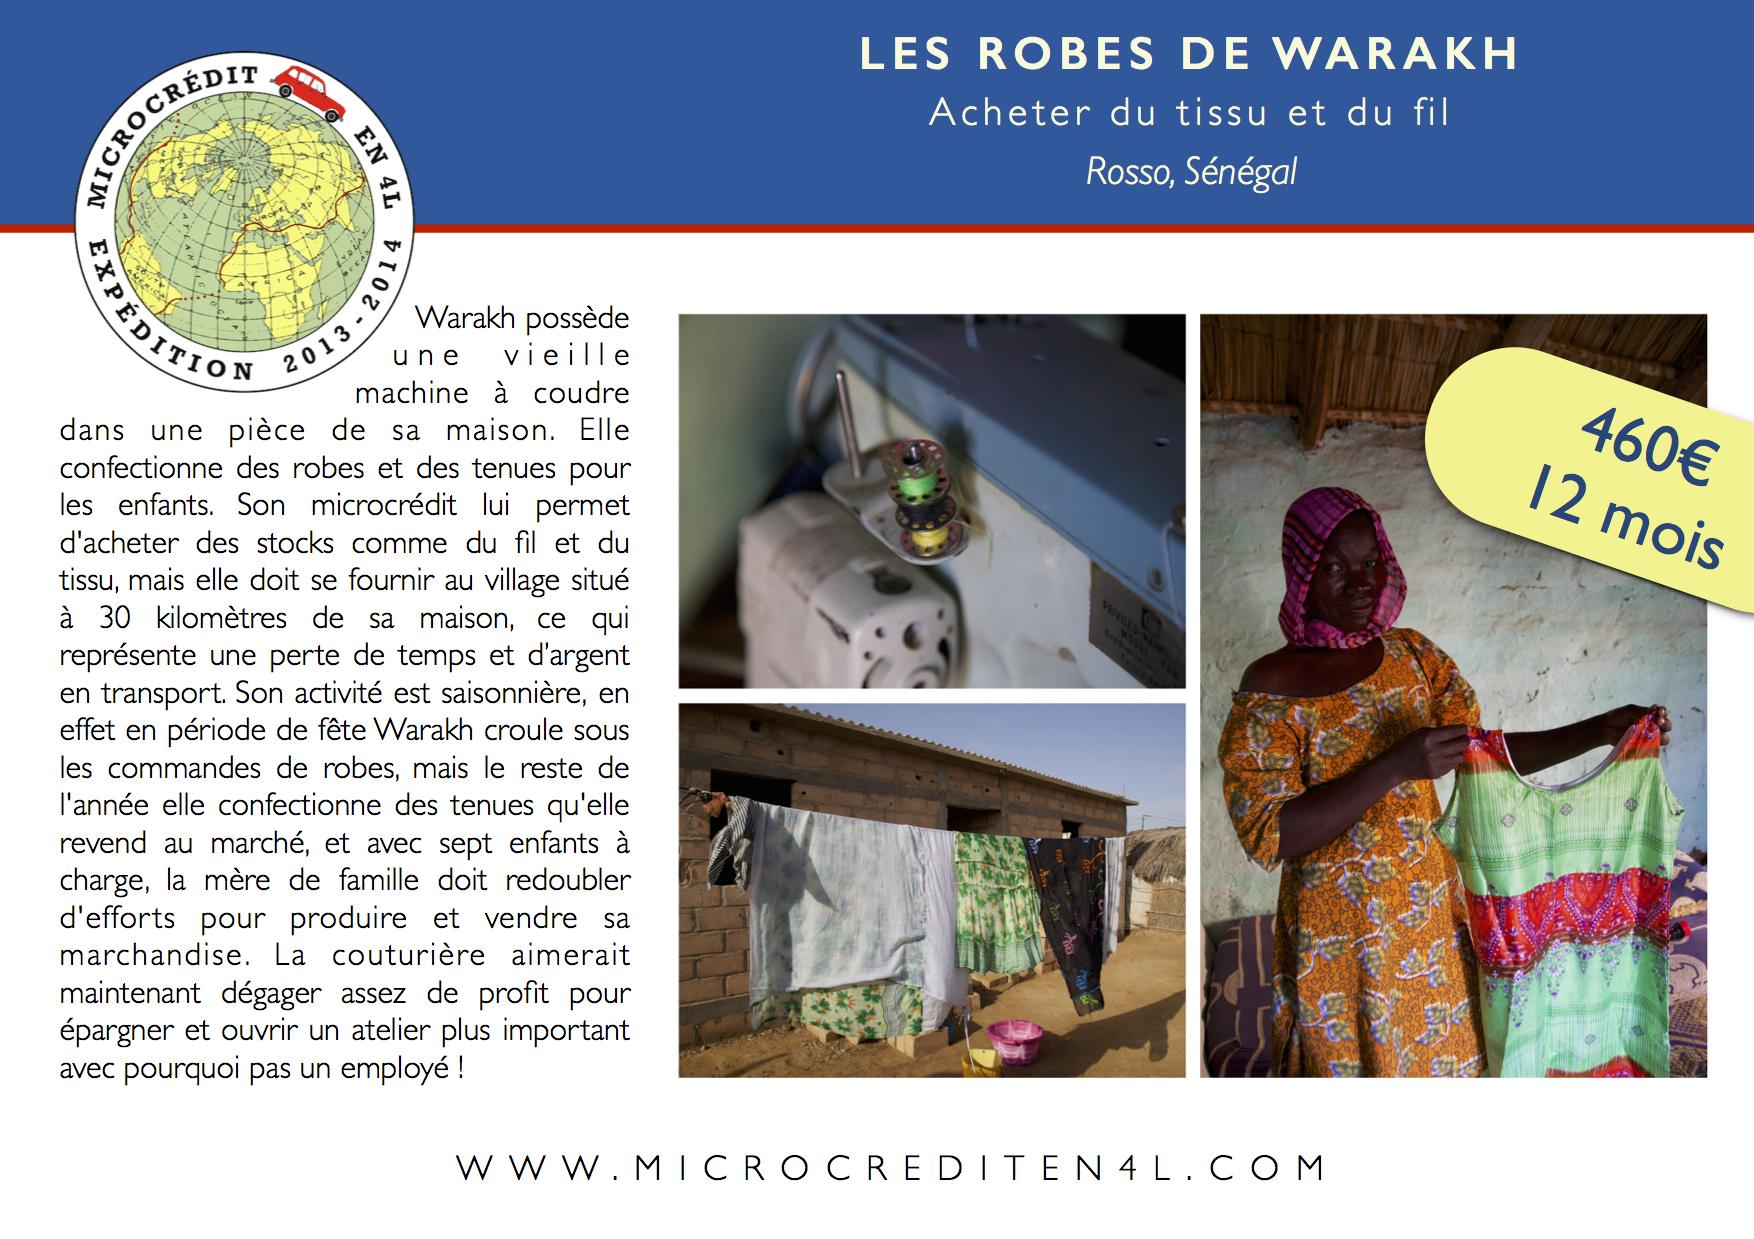 Les Robes de Warakh